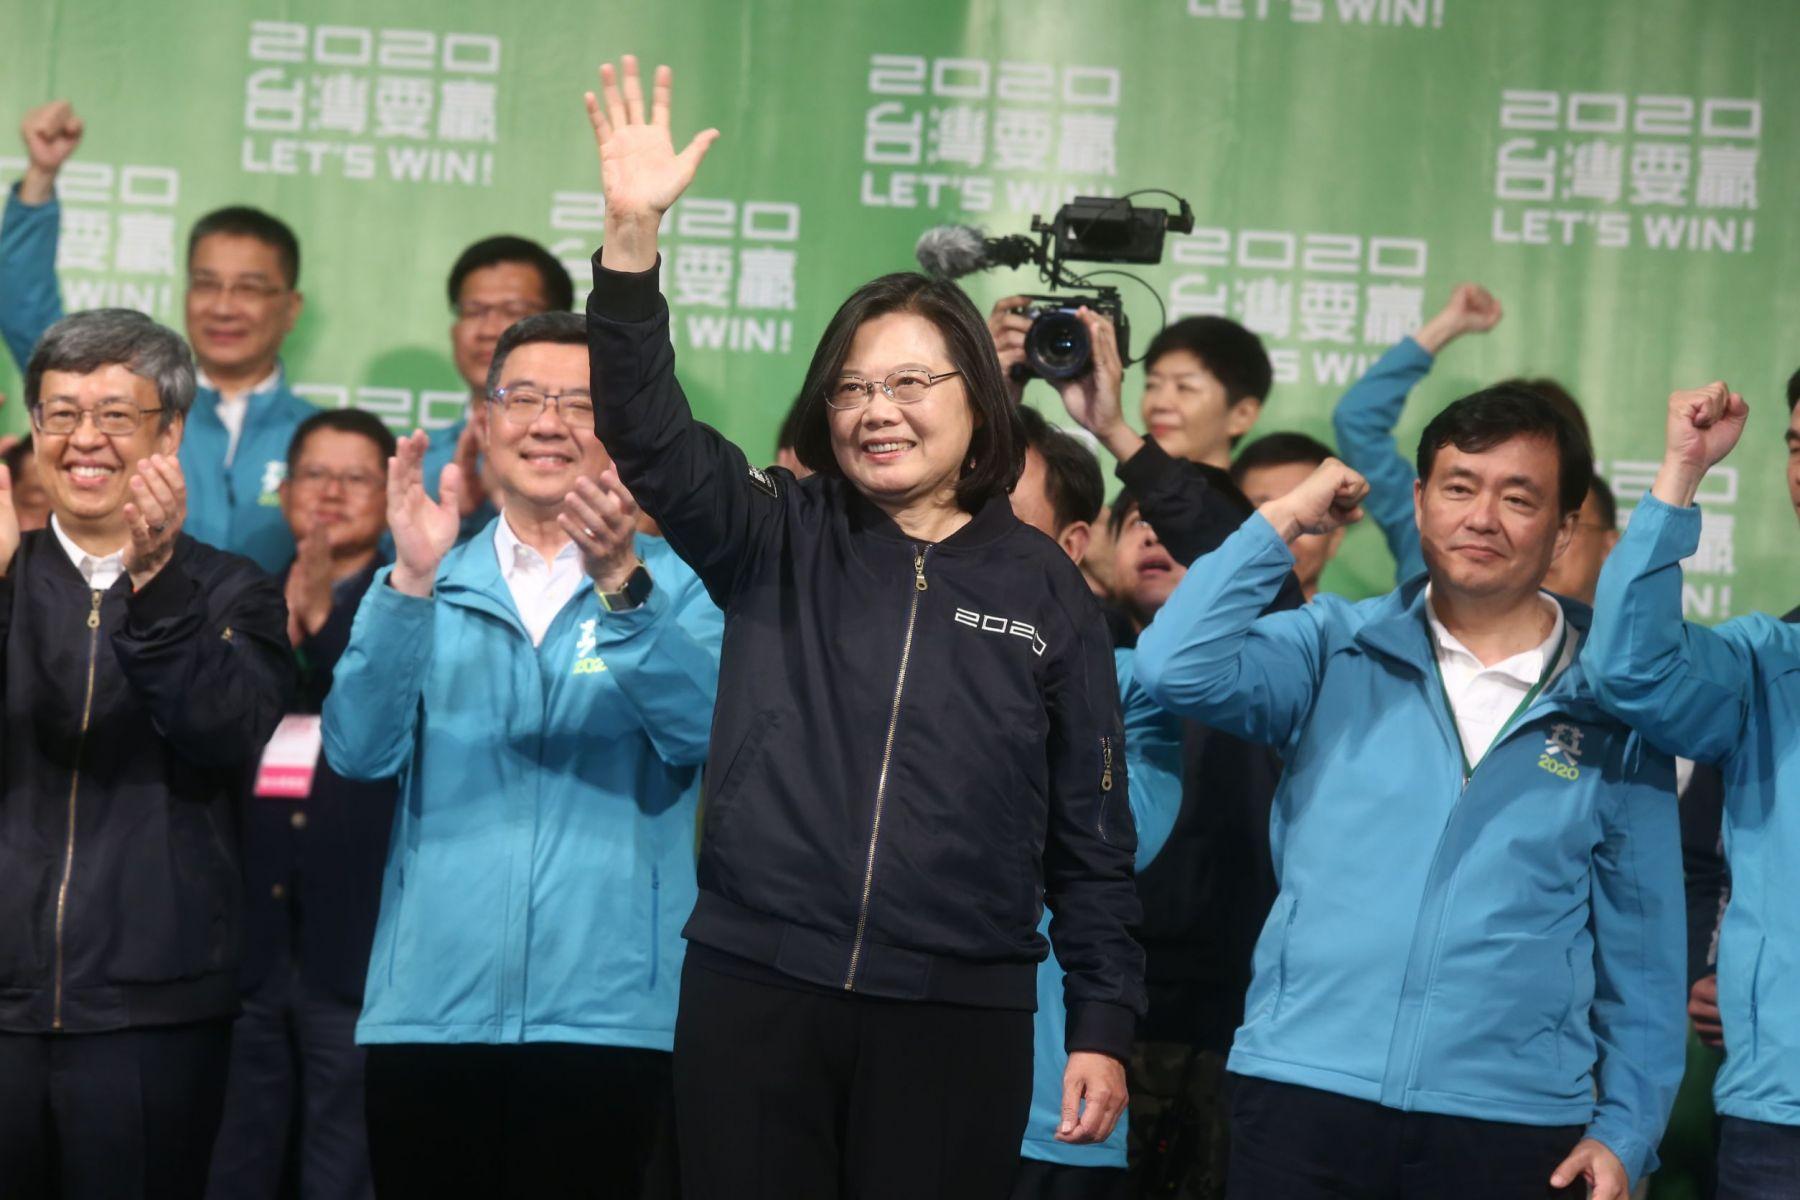 老美觀選妙喻:台灣「歐巴桑式民主」 粉碎中國歷來最大假消息攻勢